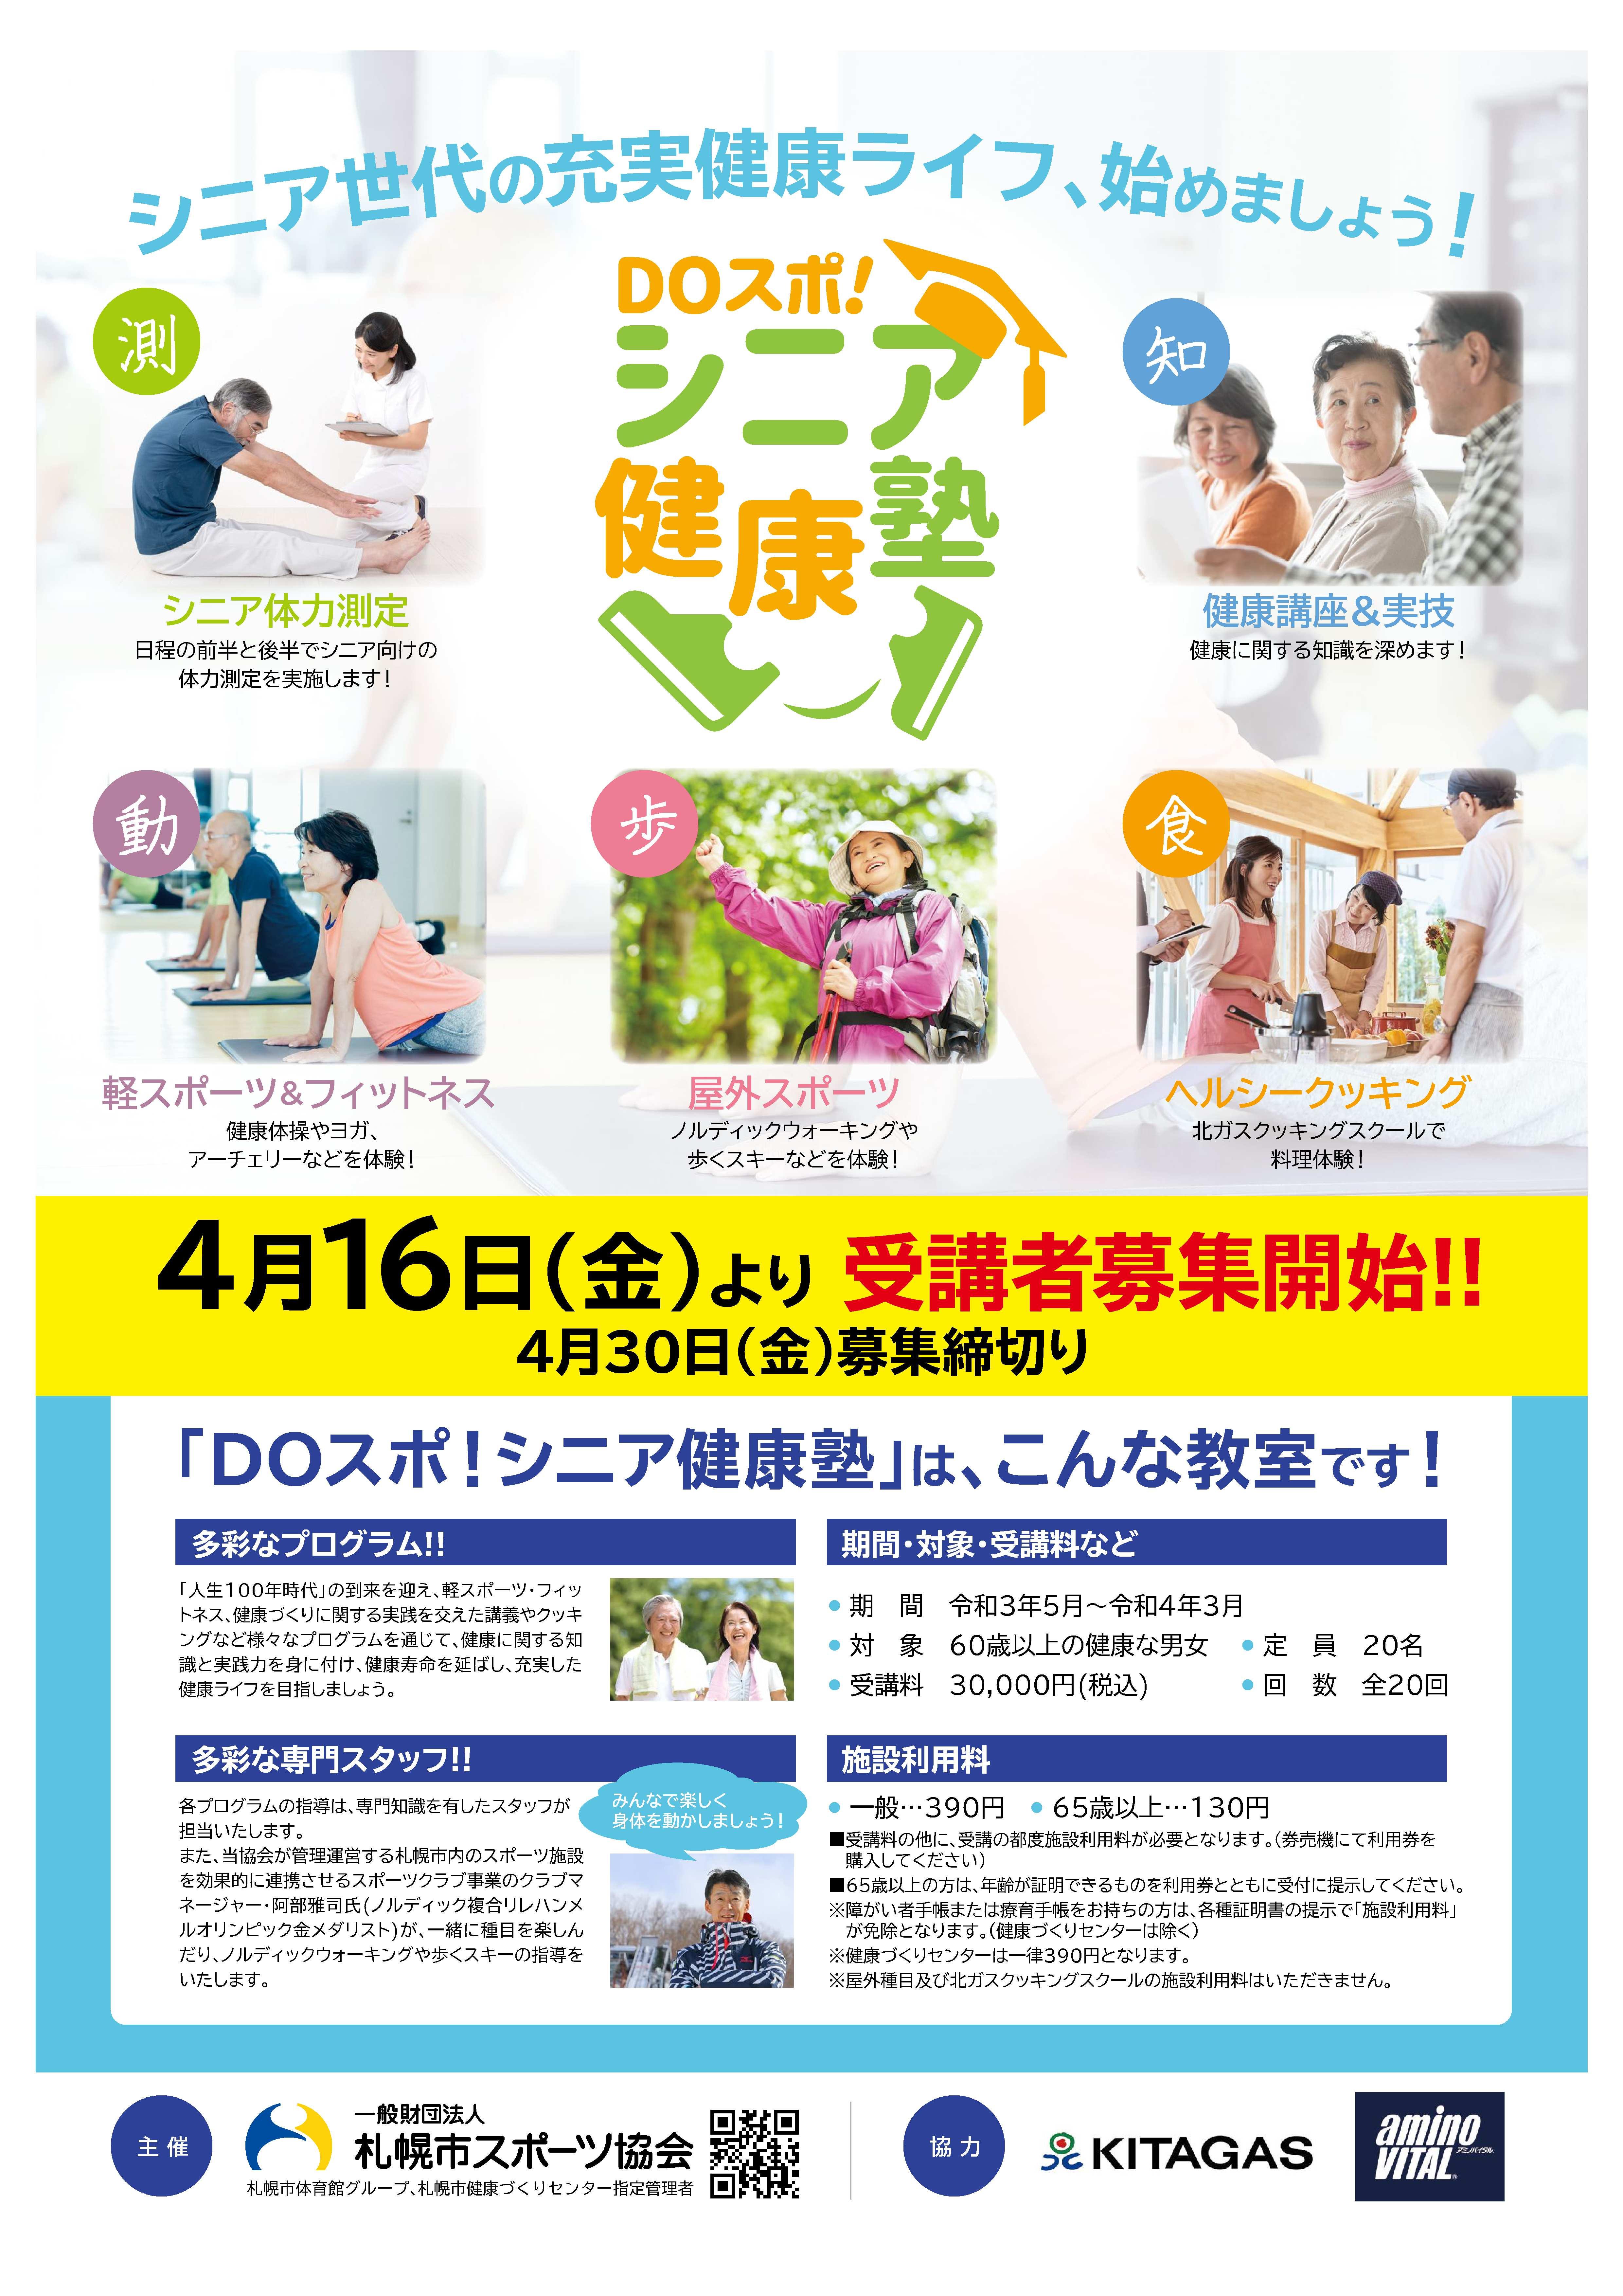 令和3年度-DOスポ!シニア健康塾チラシ-11